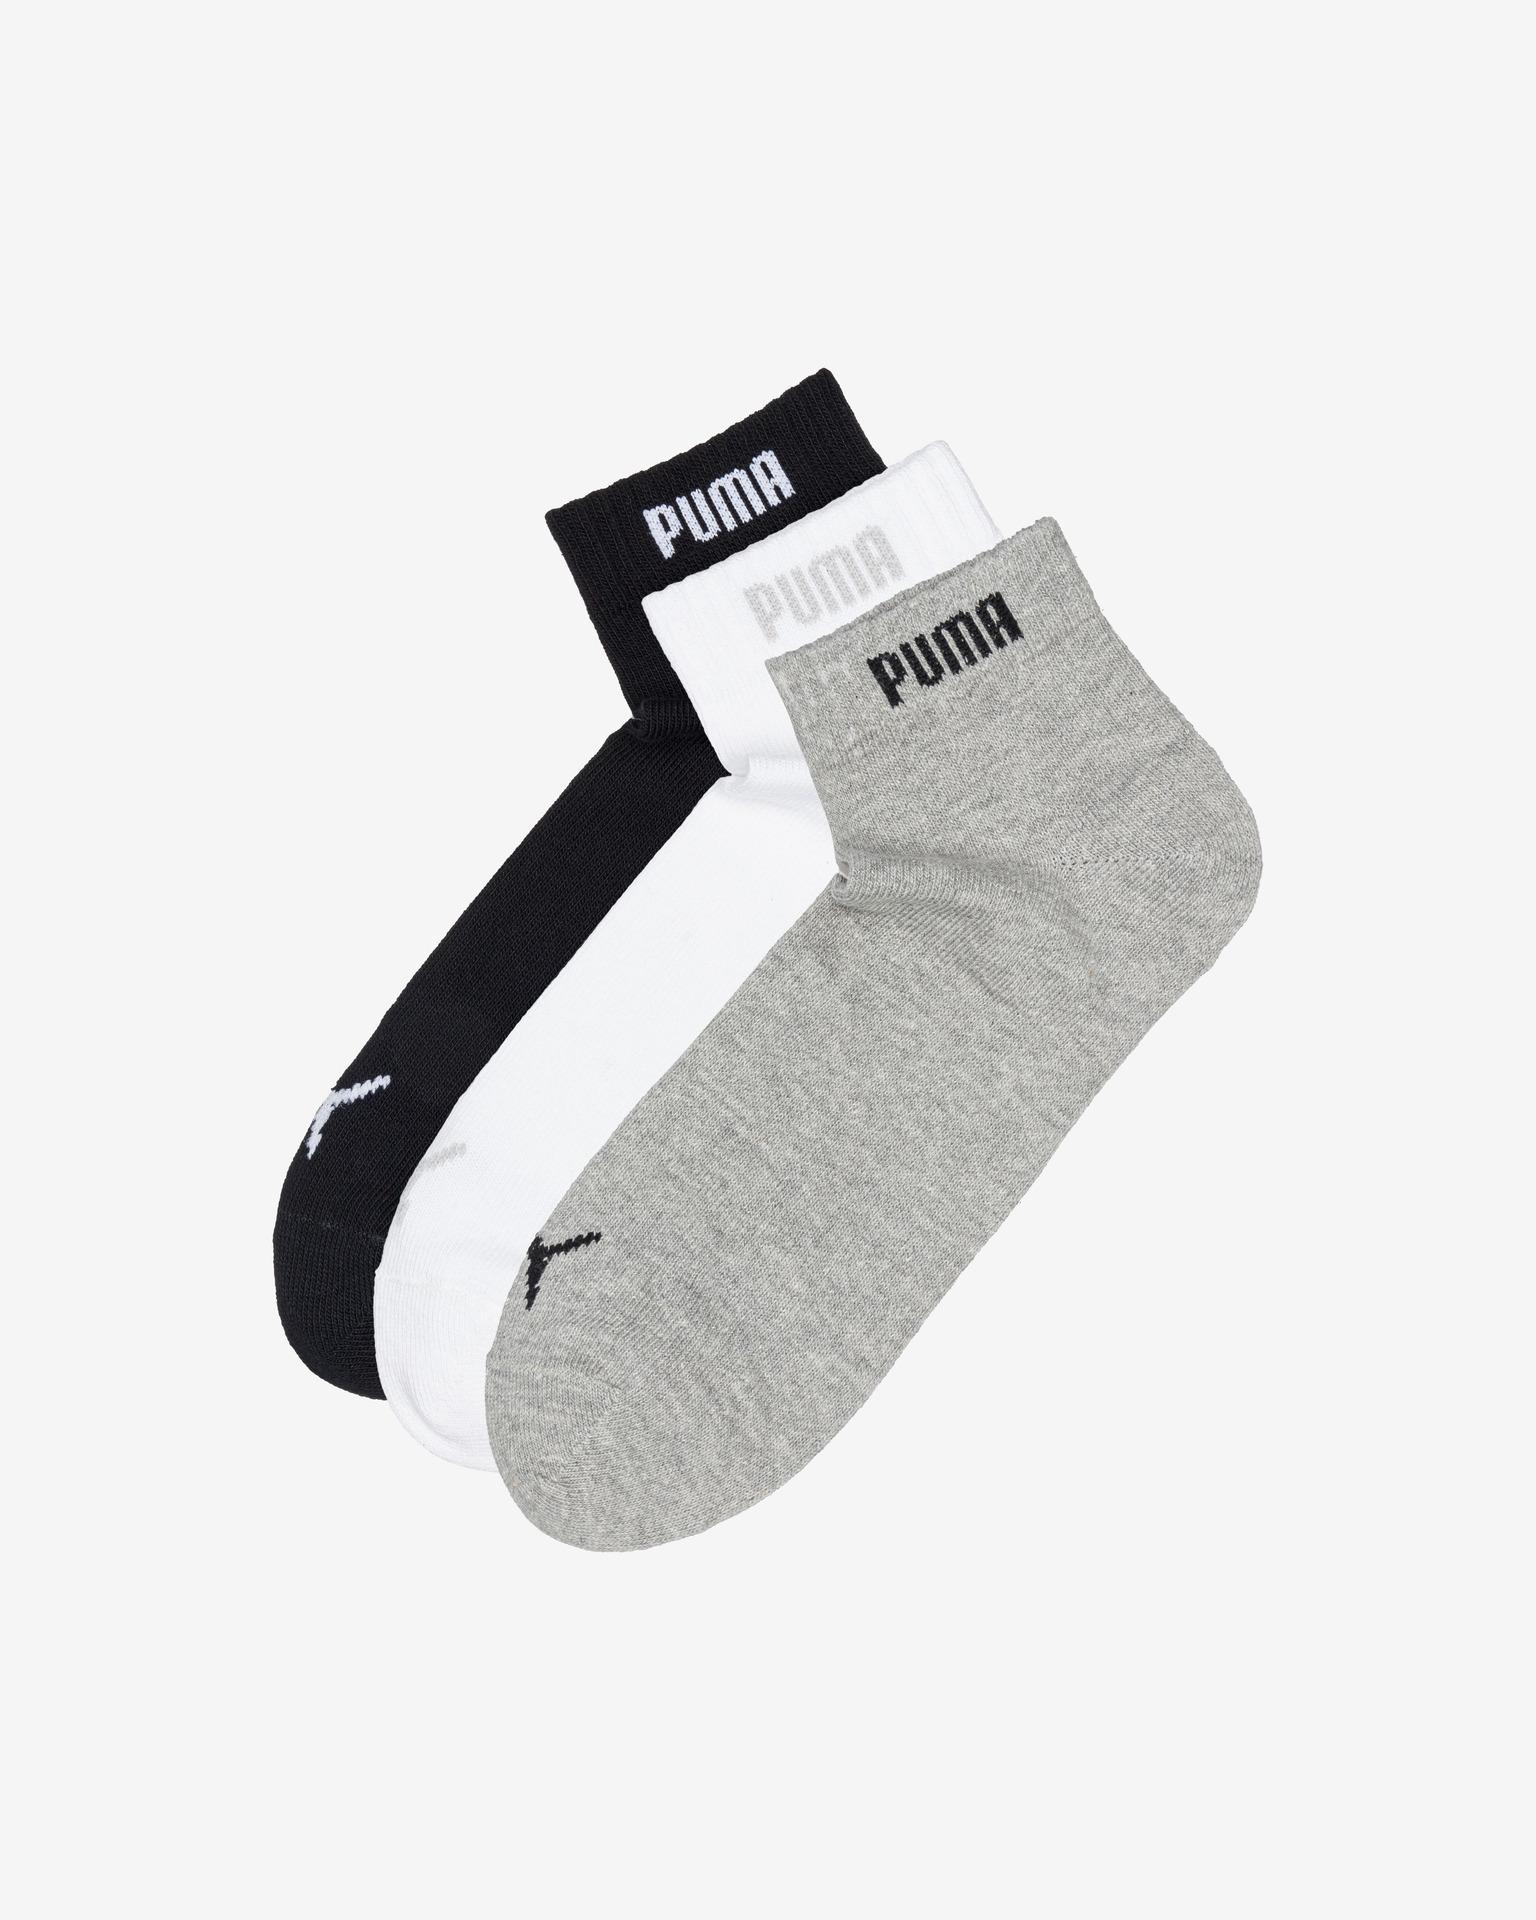 Puma - Quarter-V Set of 3 pairs of socks Bibloo.com